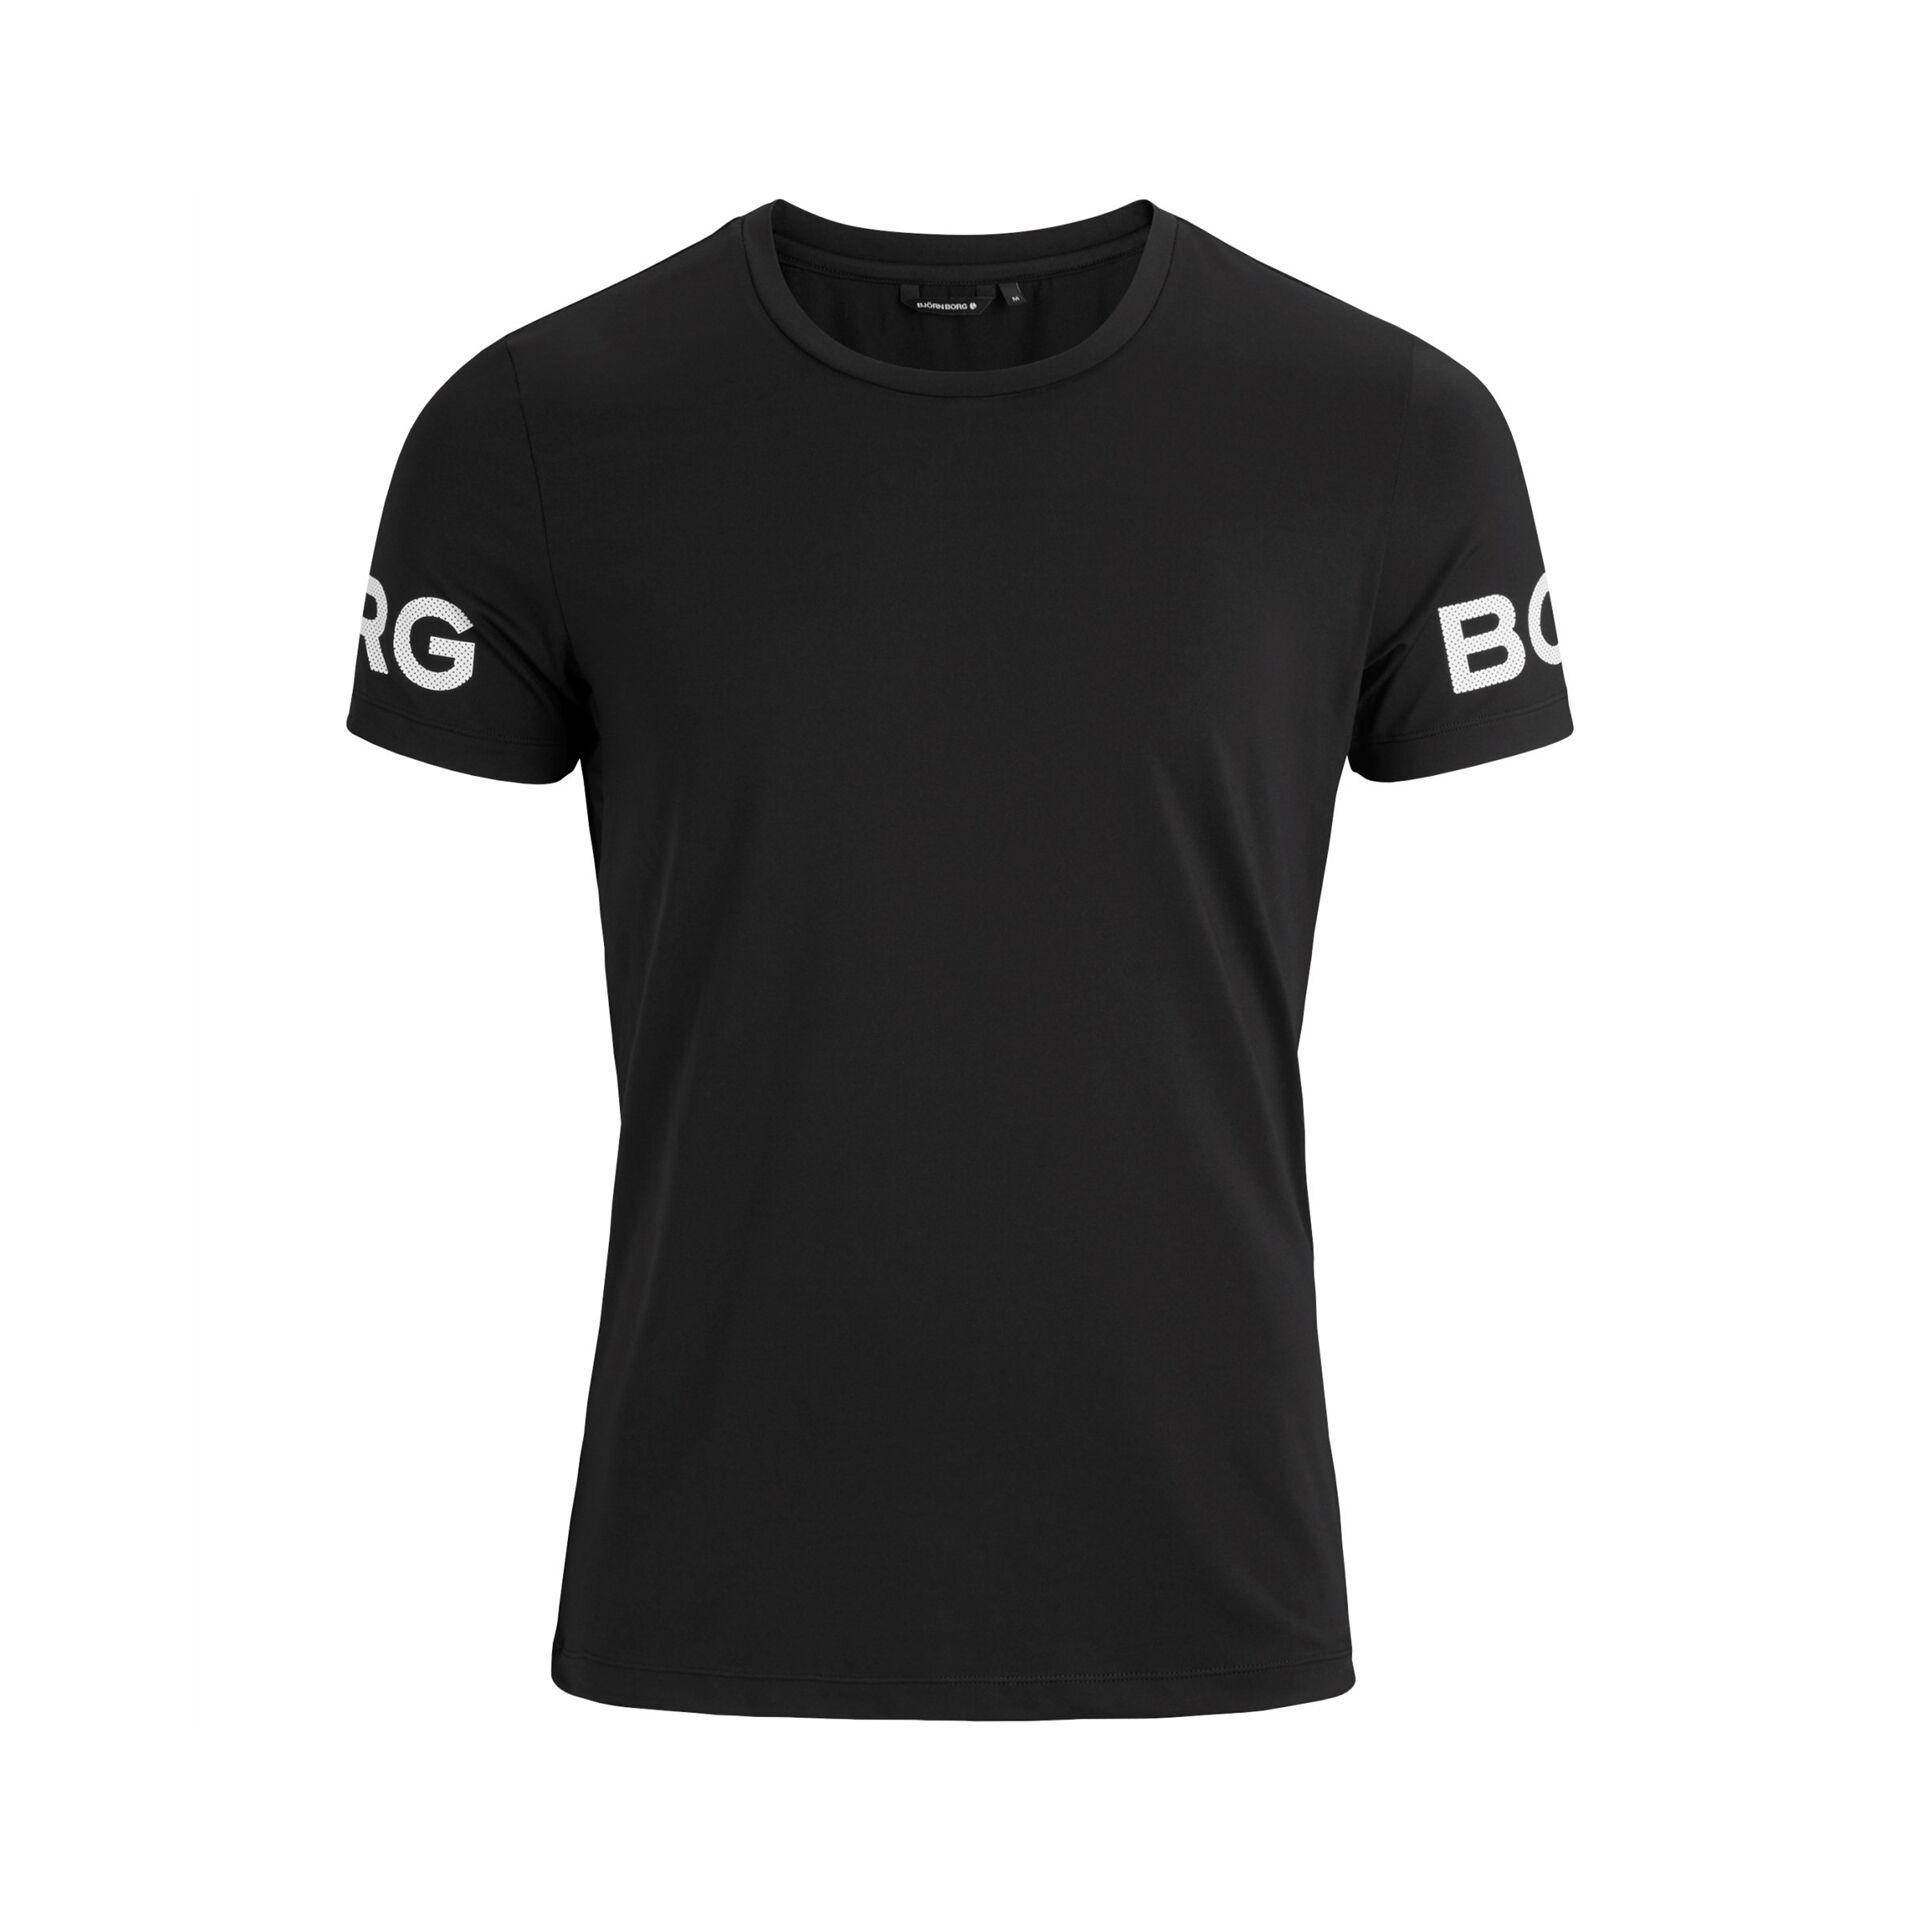 Björn Borg Tee Black Beauty S